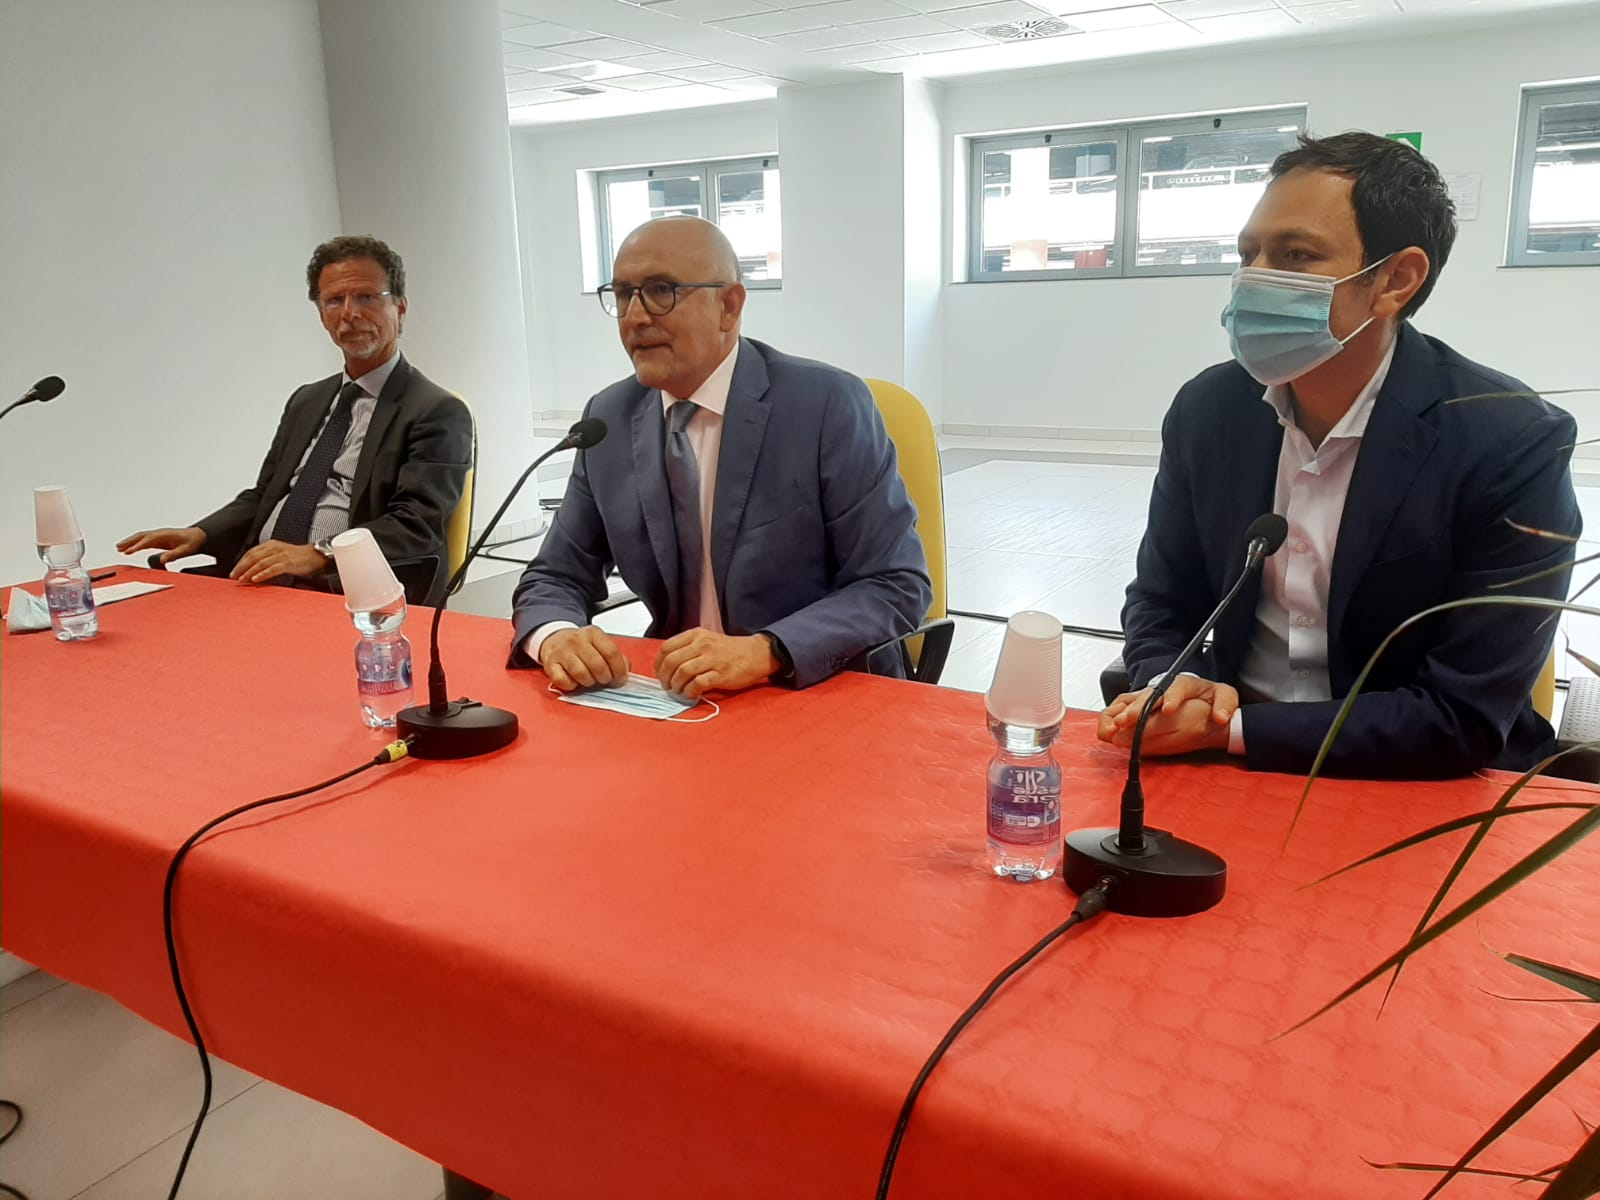 """Ospedale San Marco, cerimonia di saluto al direttore generale Bonaccorsi : """"Non lascio il cuore qui, ma ne porto un pezzo con me"""""""